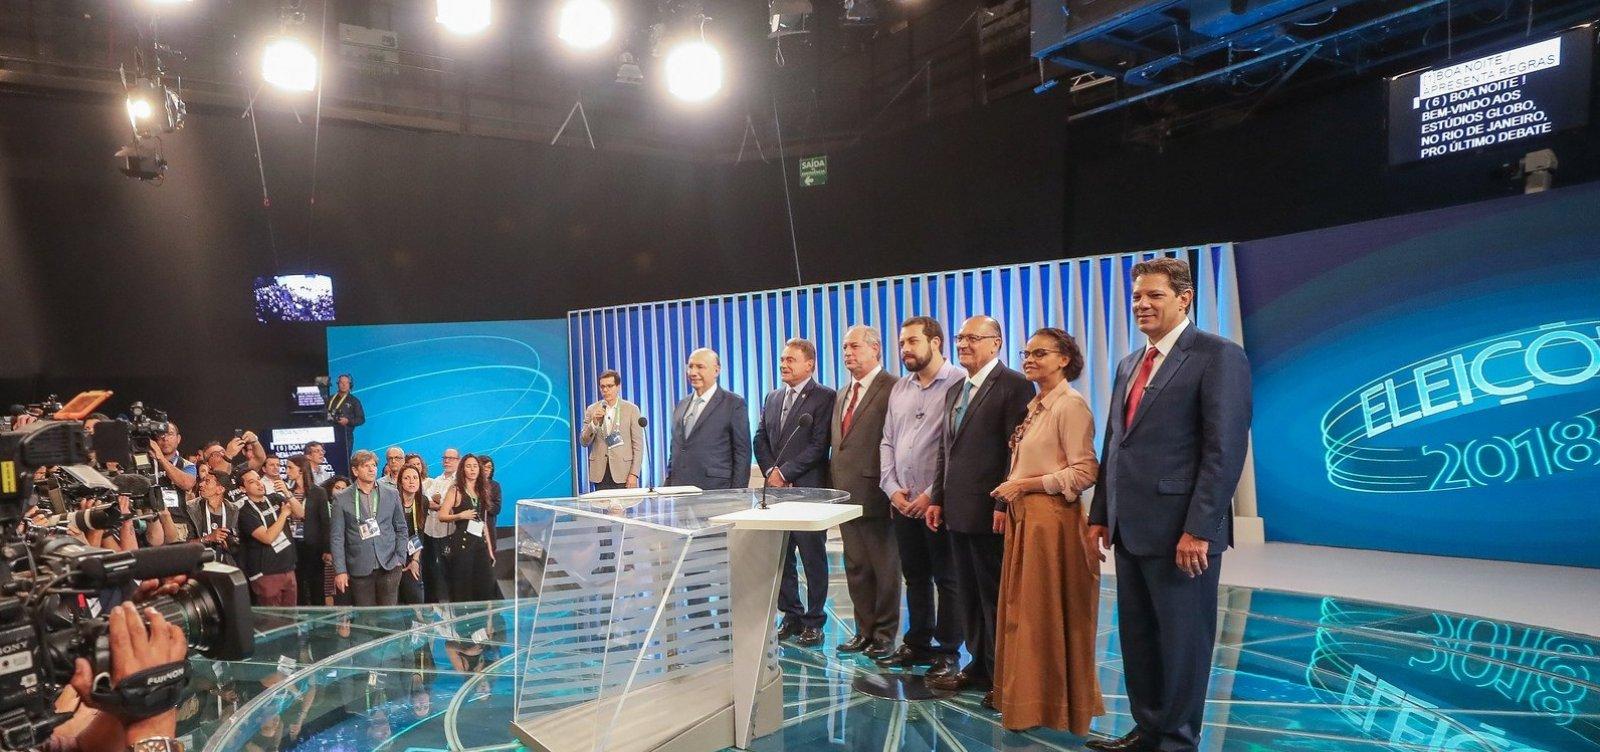 [Globo cancela debate após Bolsonaro rejeitar convite]